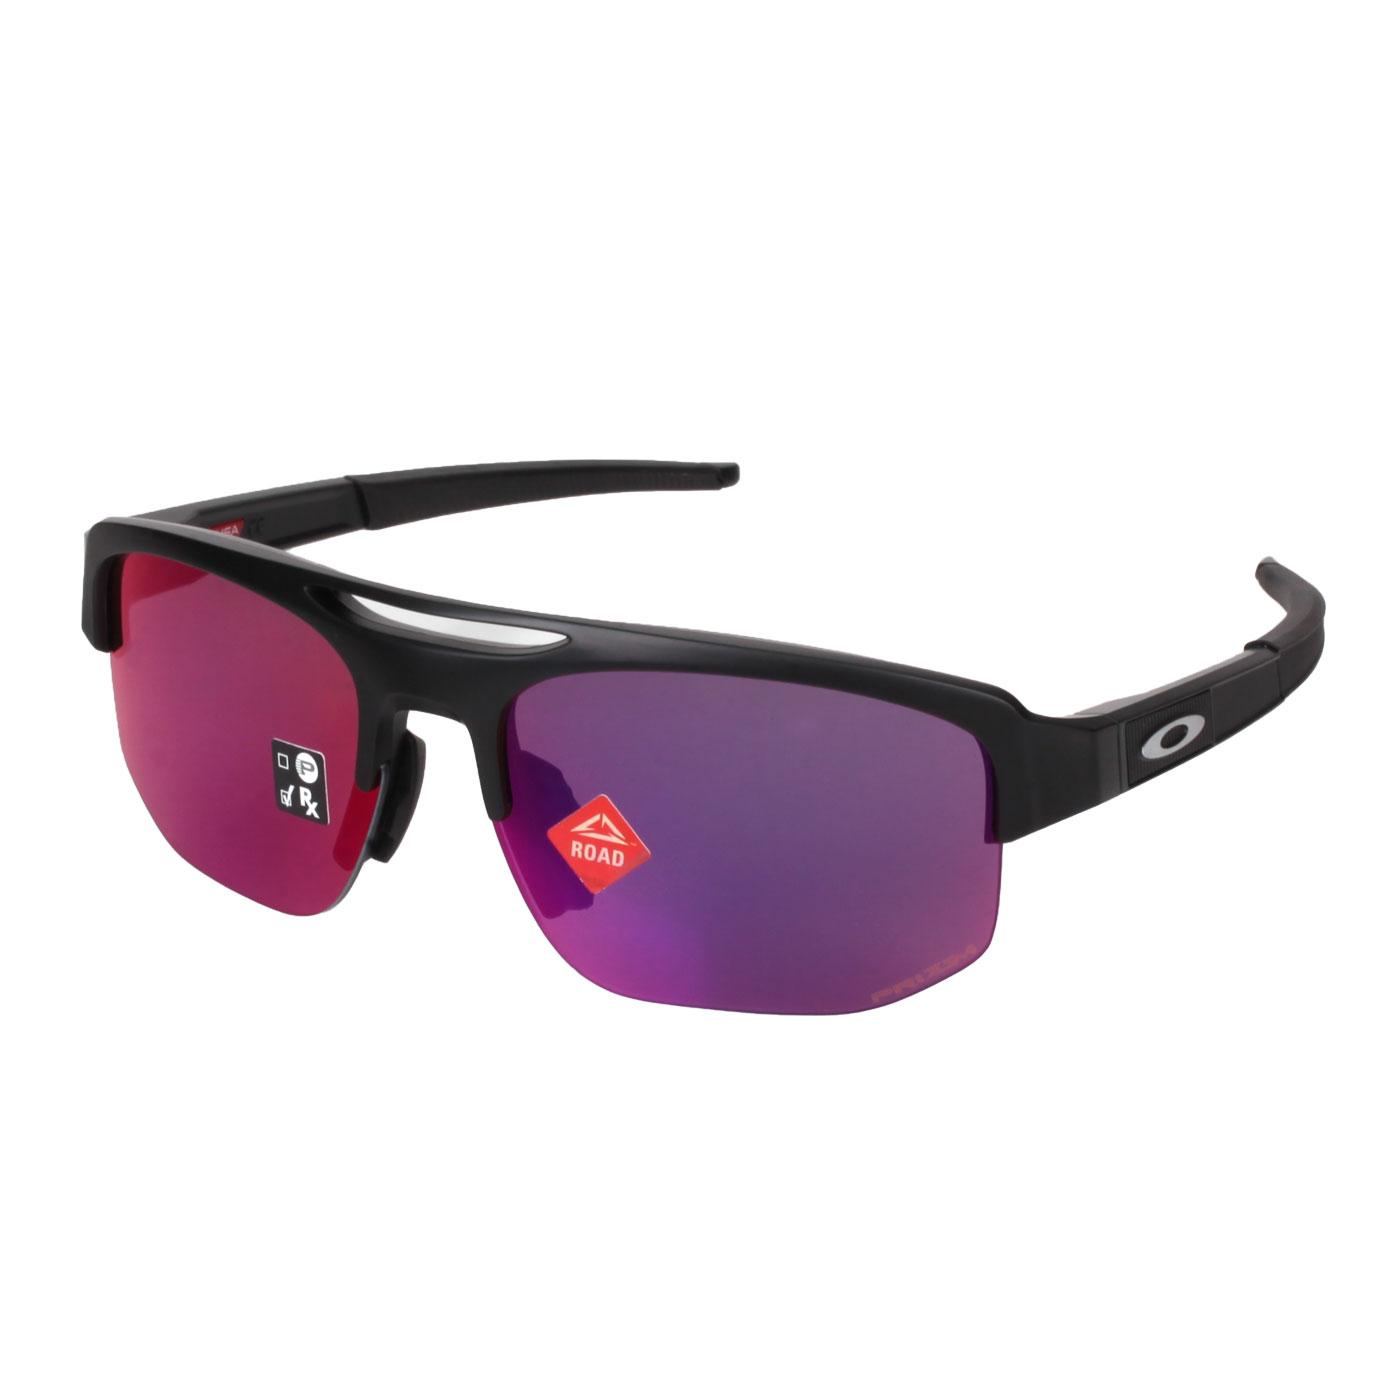 OAKLEY 一般太陽眼鏡 (附硬盒) OAK-OO9424F-1168 - 黑紫